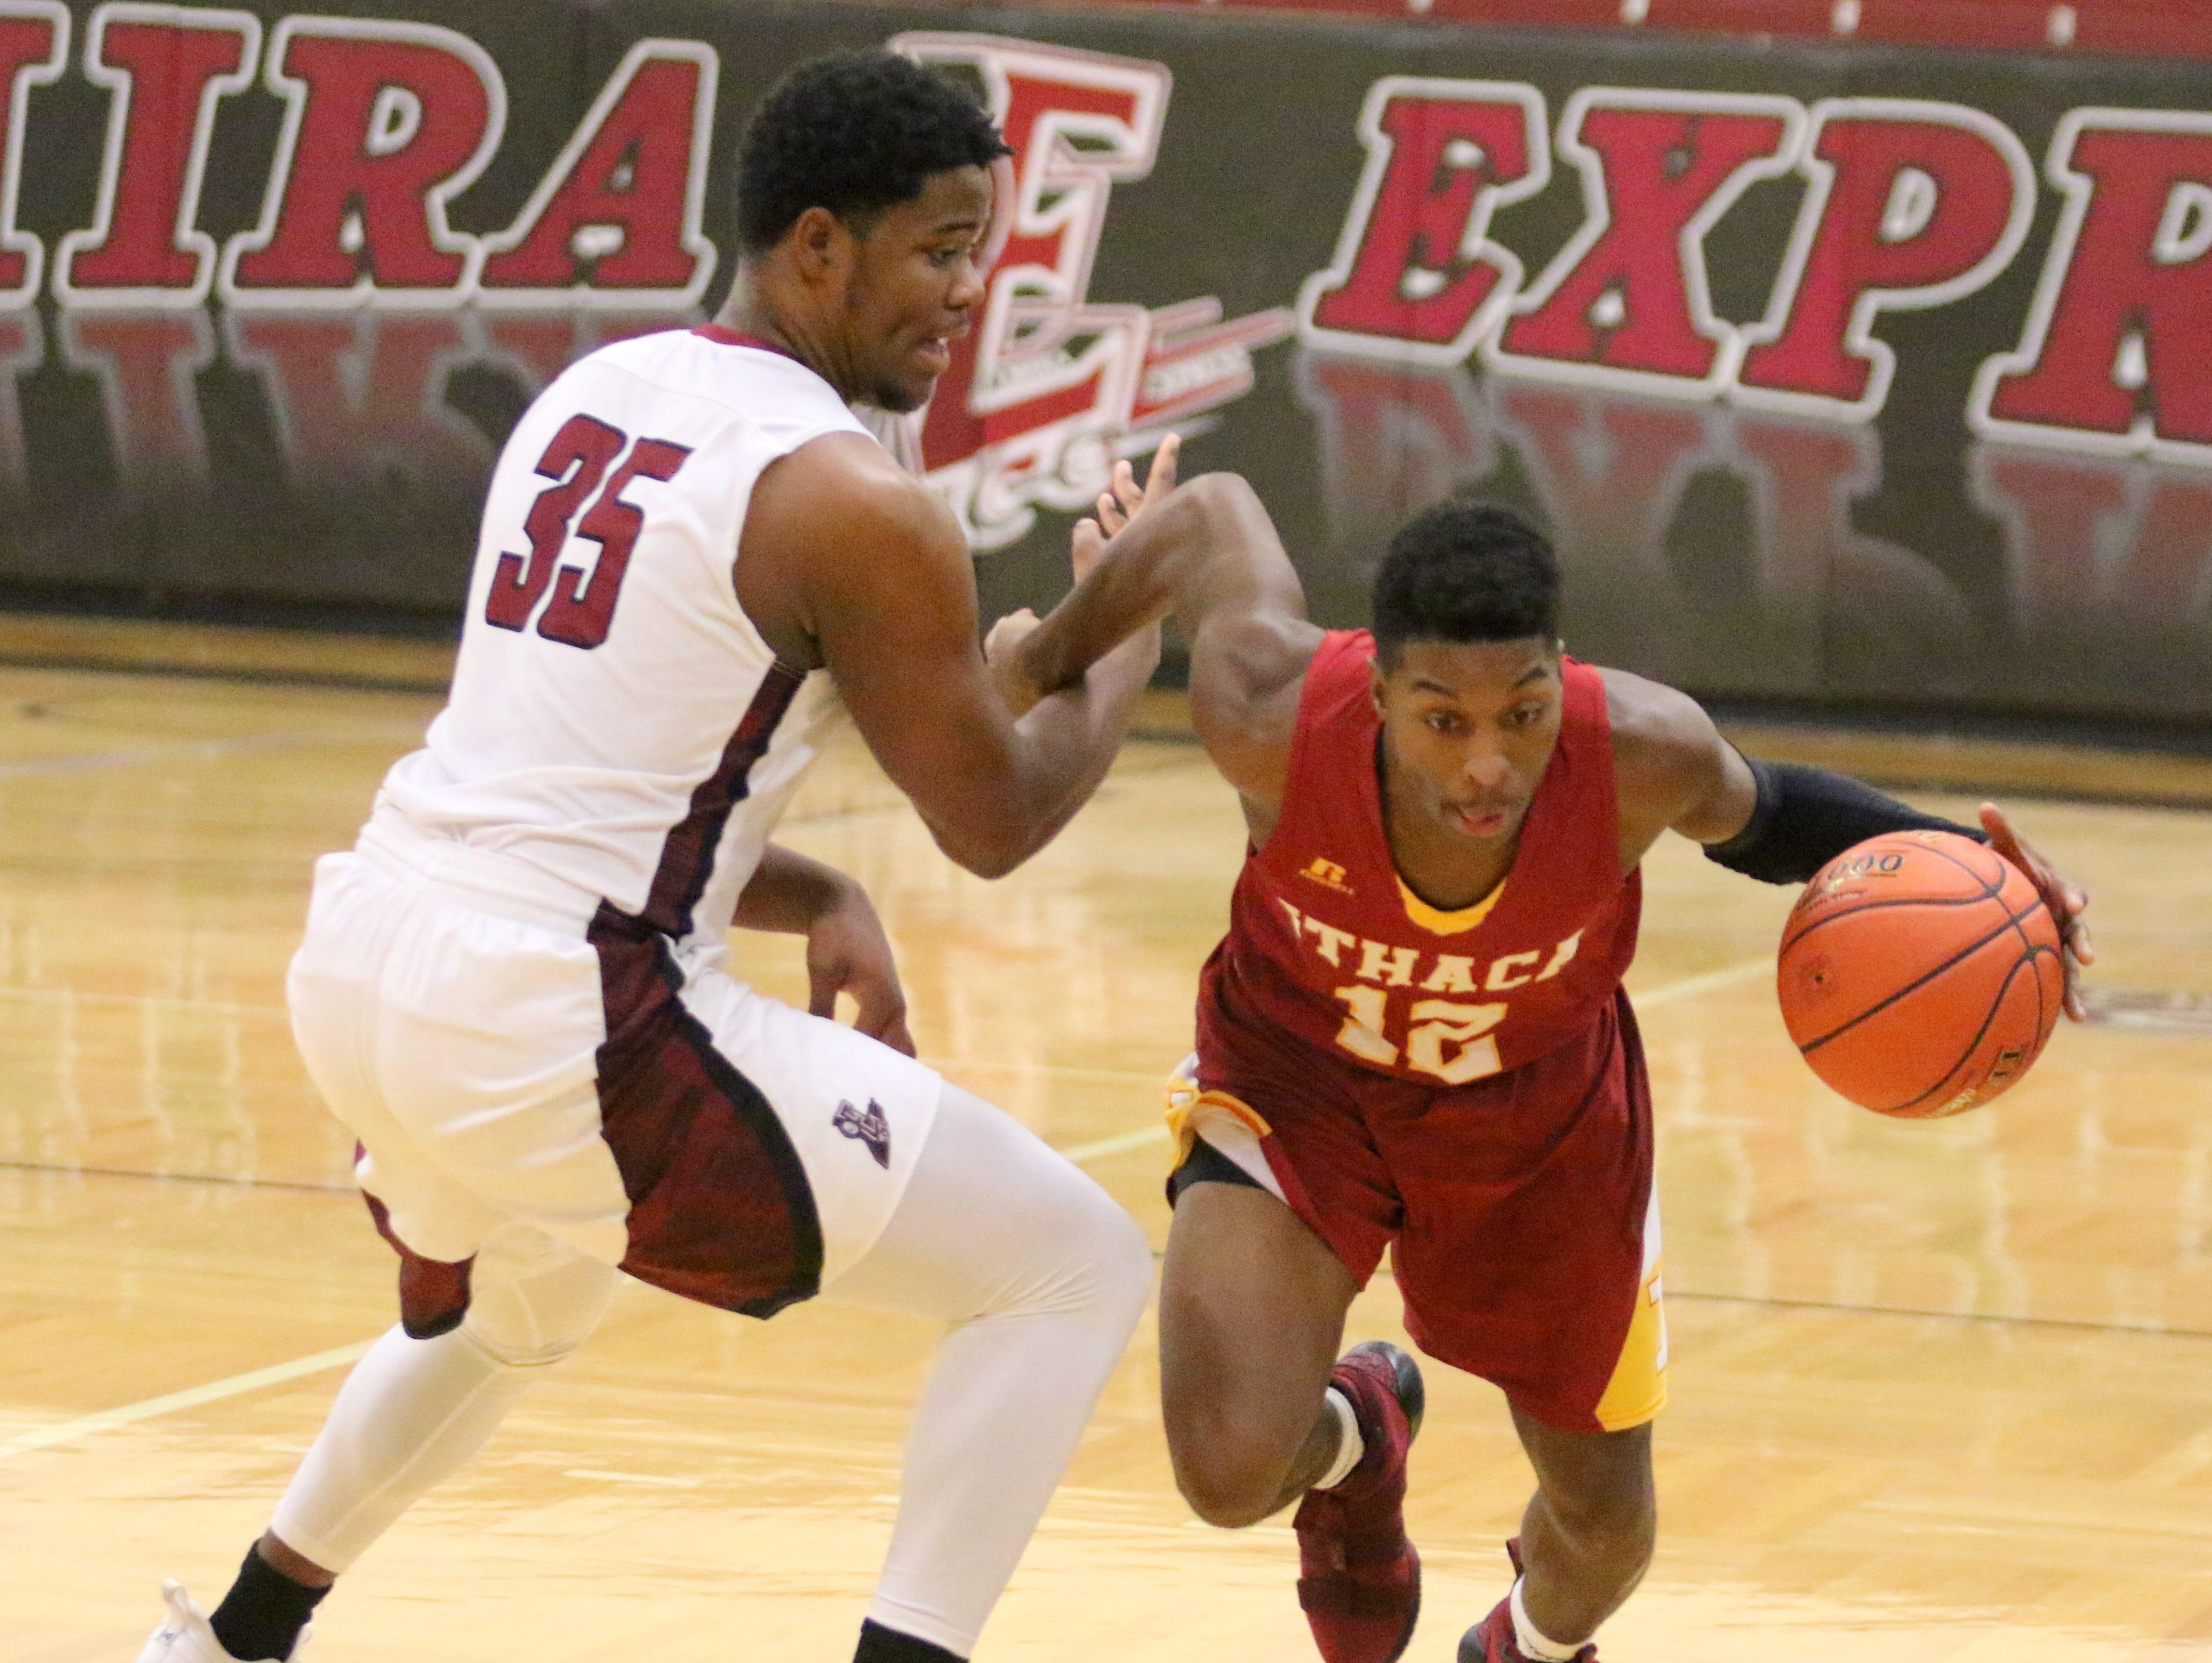 Ithaca was a 46-44 winner over Elmira in boys basketball Jan. 3, 2019 at Elmira High School.